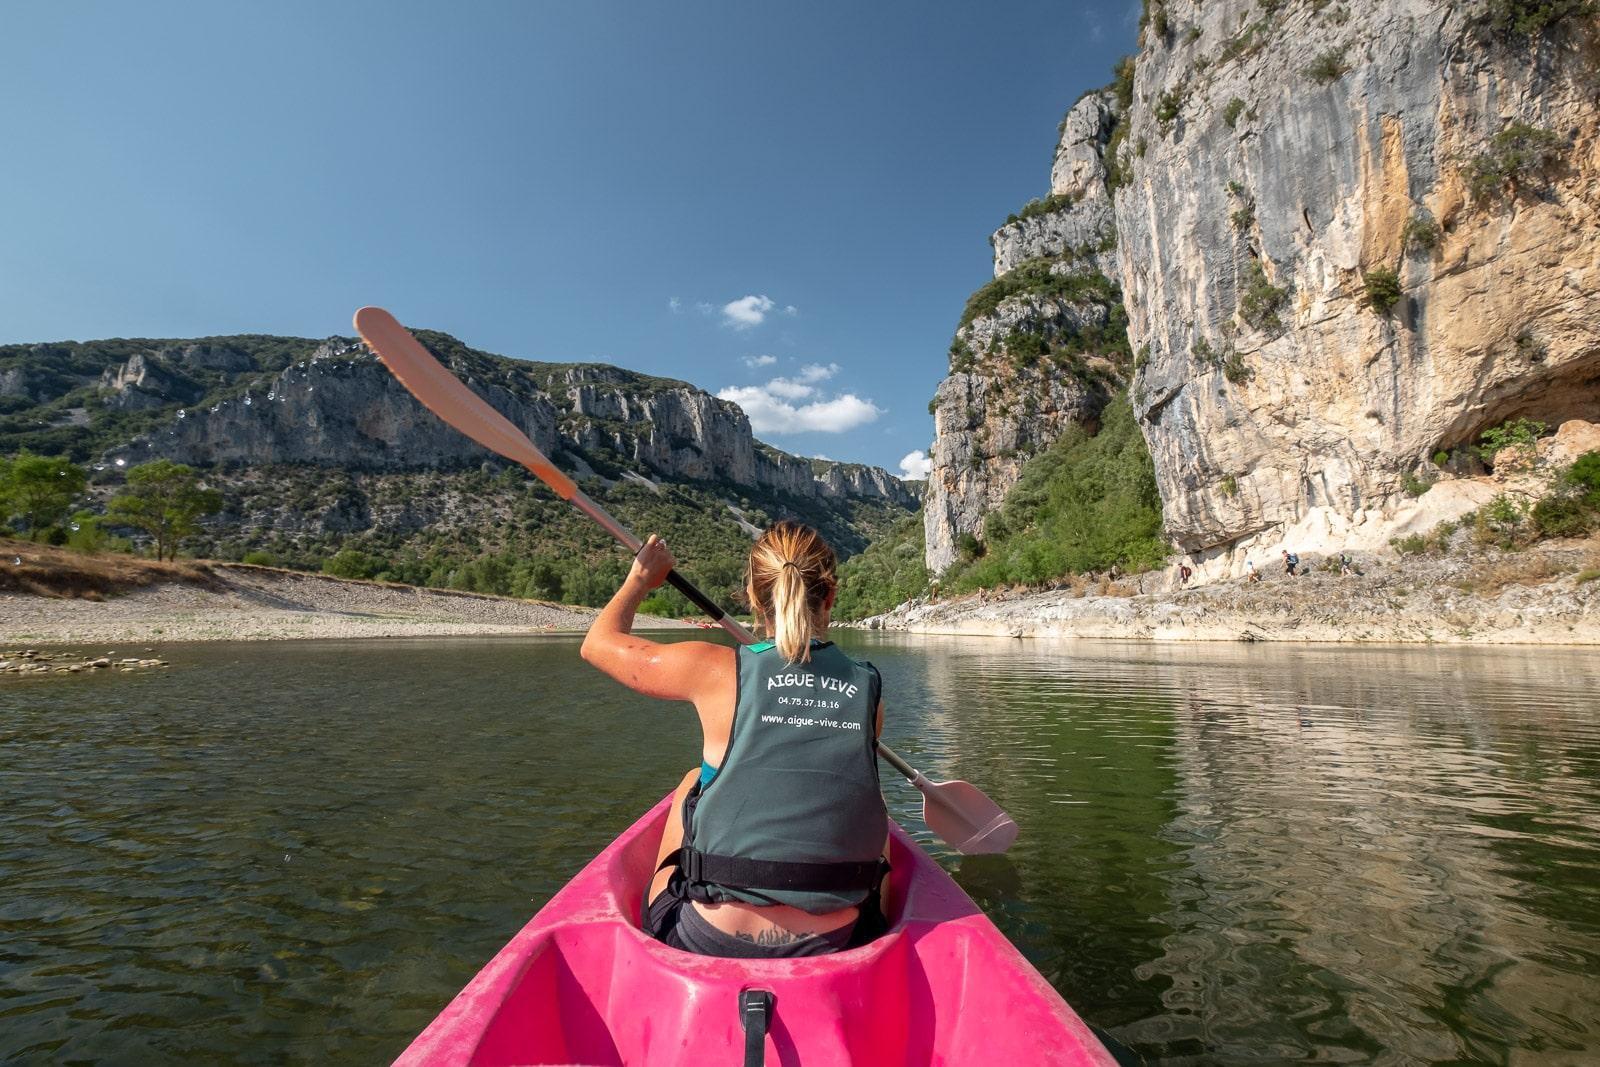 Kano verhuur in de Ardèche - Zwemmen & Zonnebaden - 13km